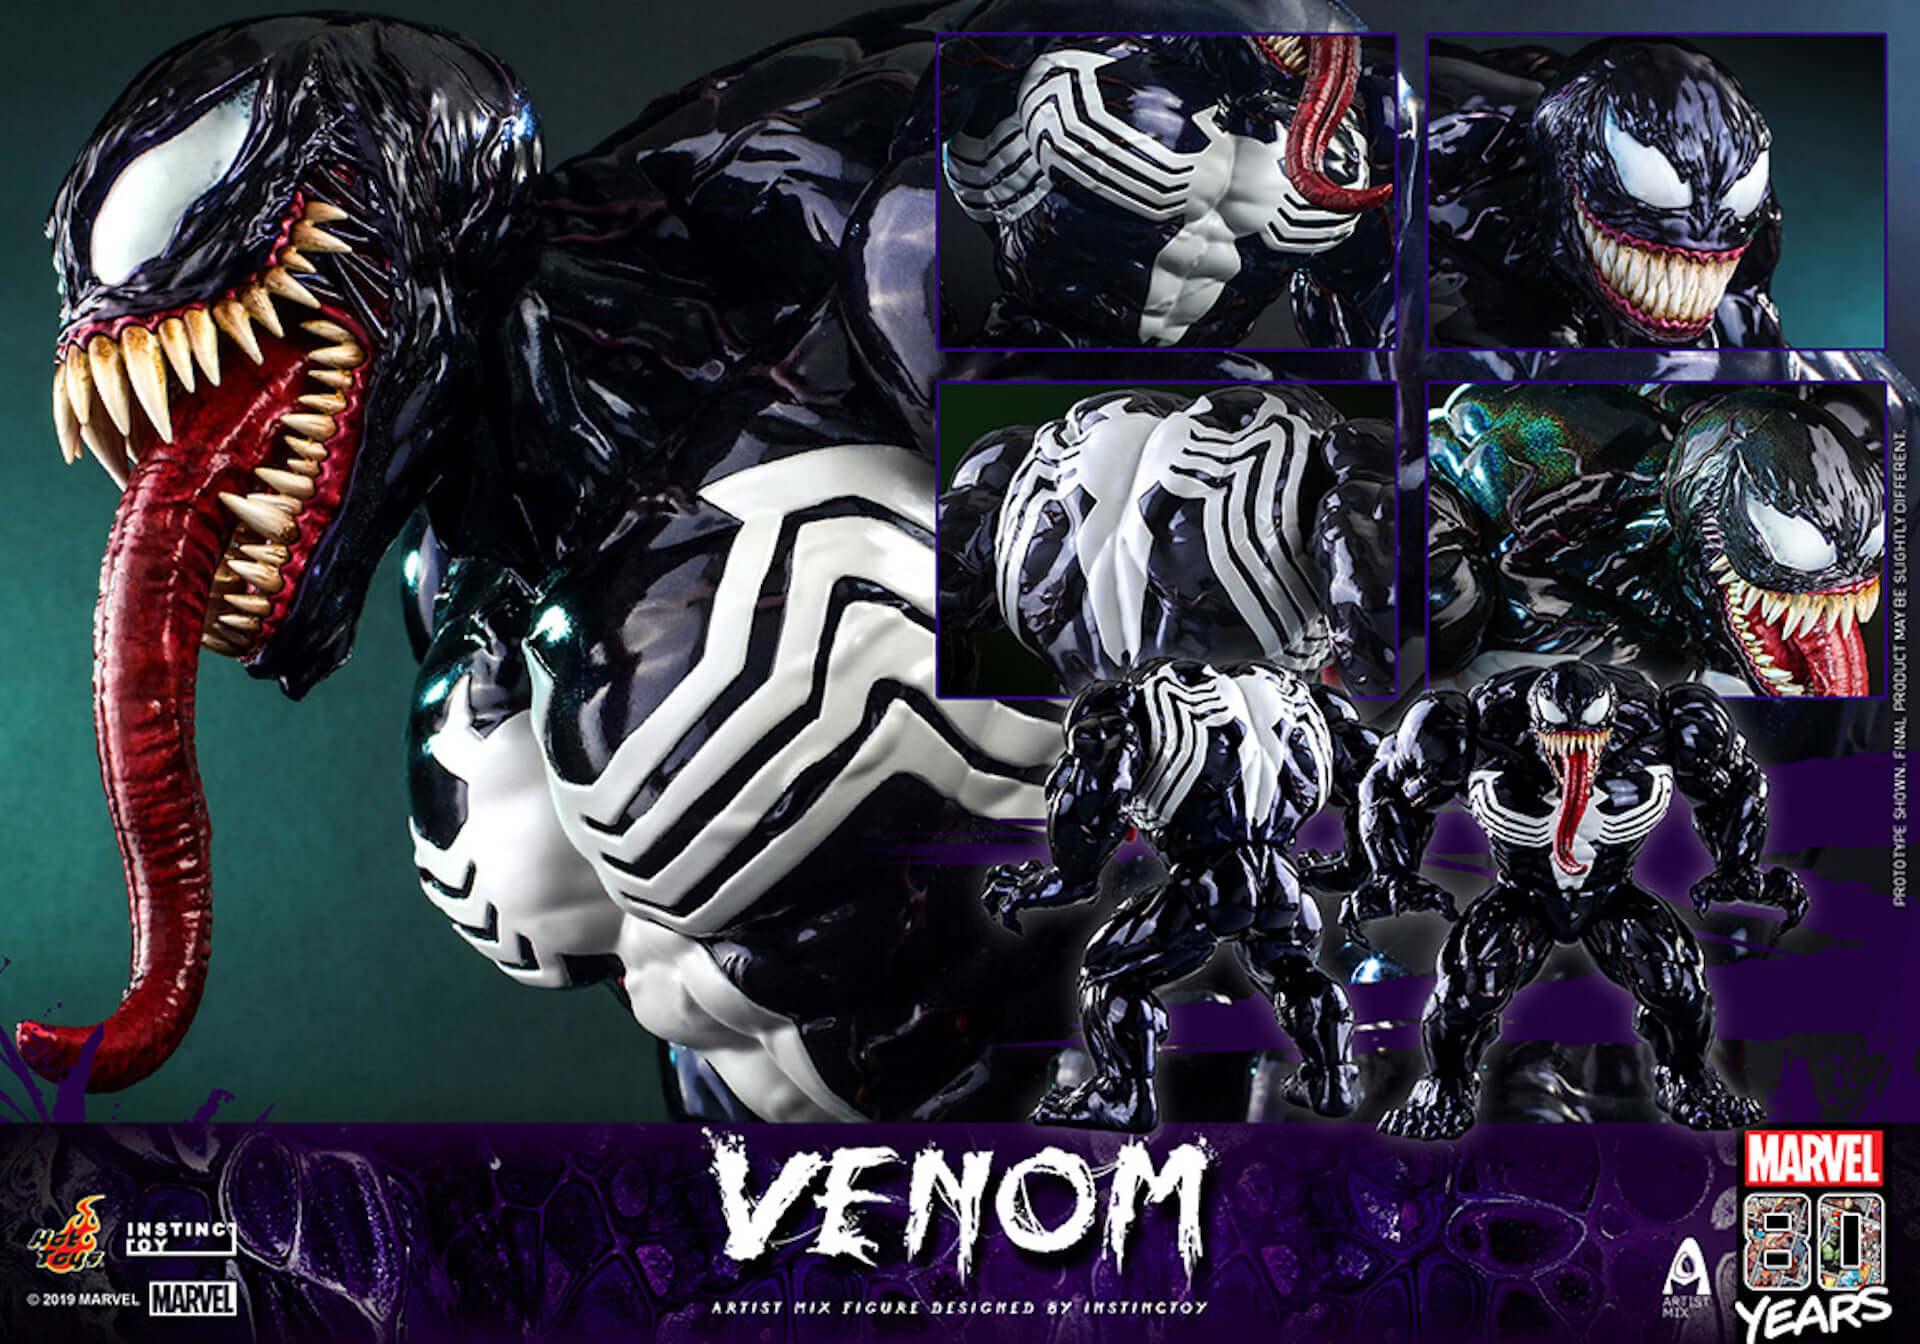 キモカッコいいマーベル・コミックのキャラクター「ヴェノム」の超リアルなフィギュアが登場! art190909_venom_hottoys_1-1920x1344